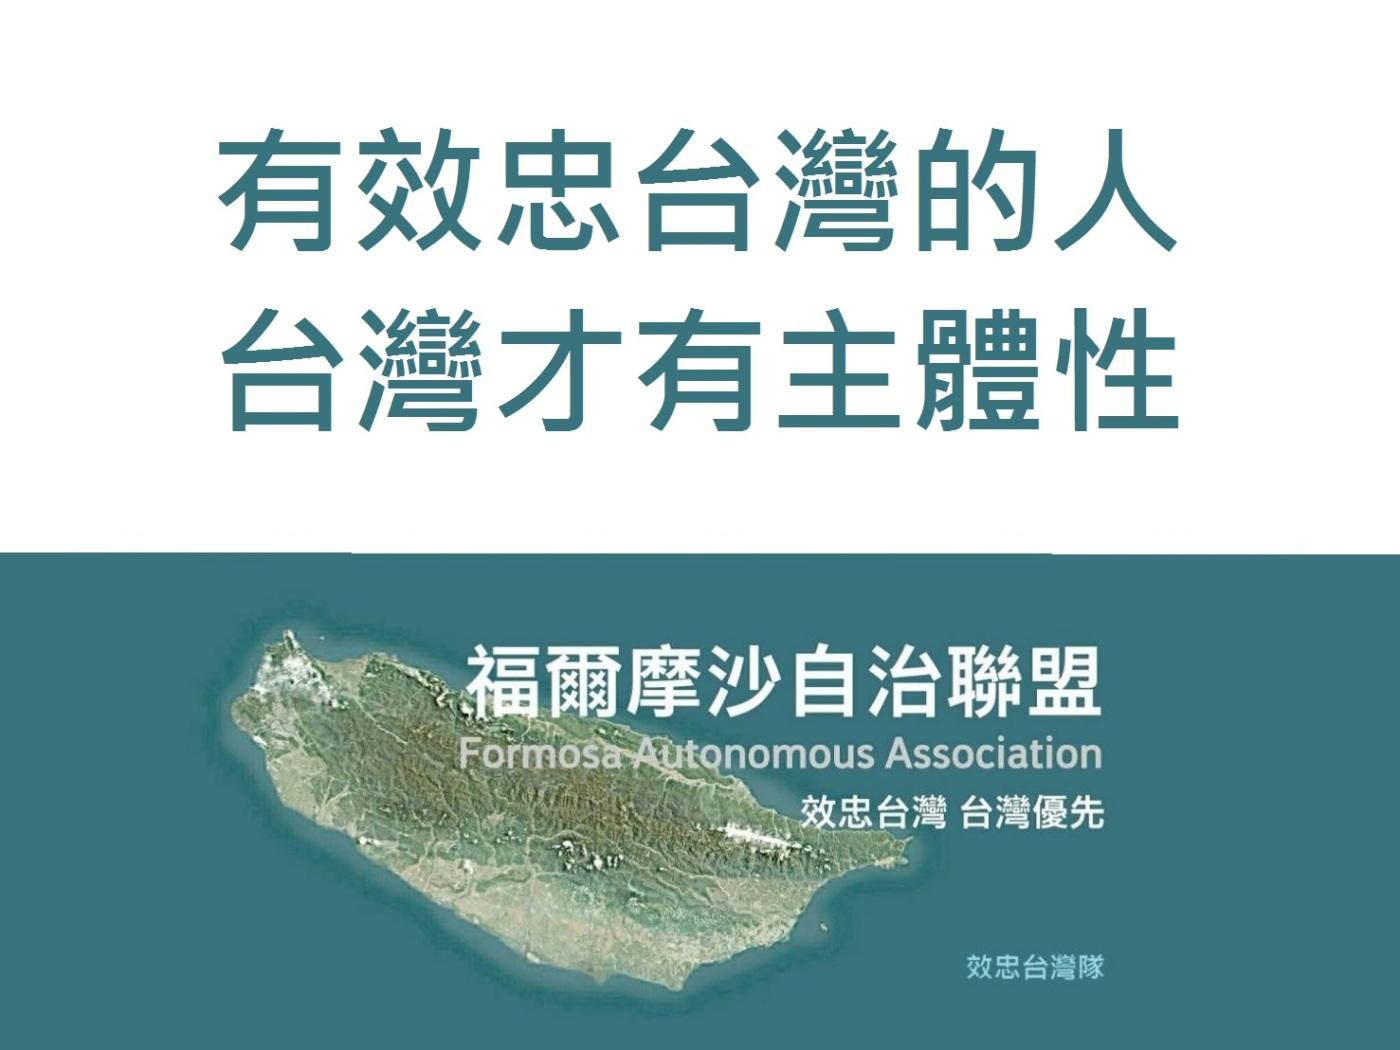 有效忠台灣的人 台灣才有主體性